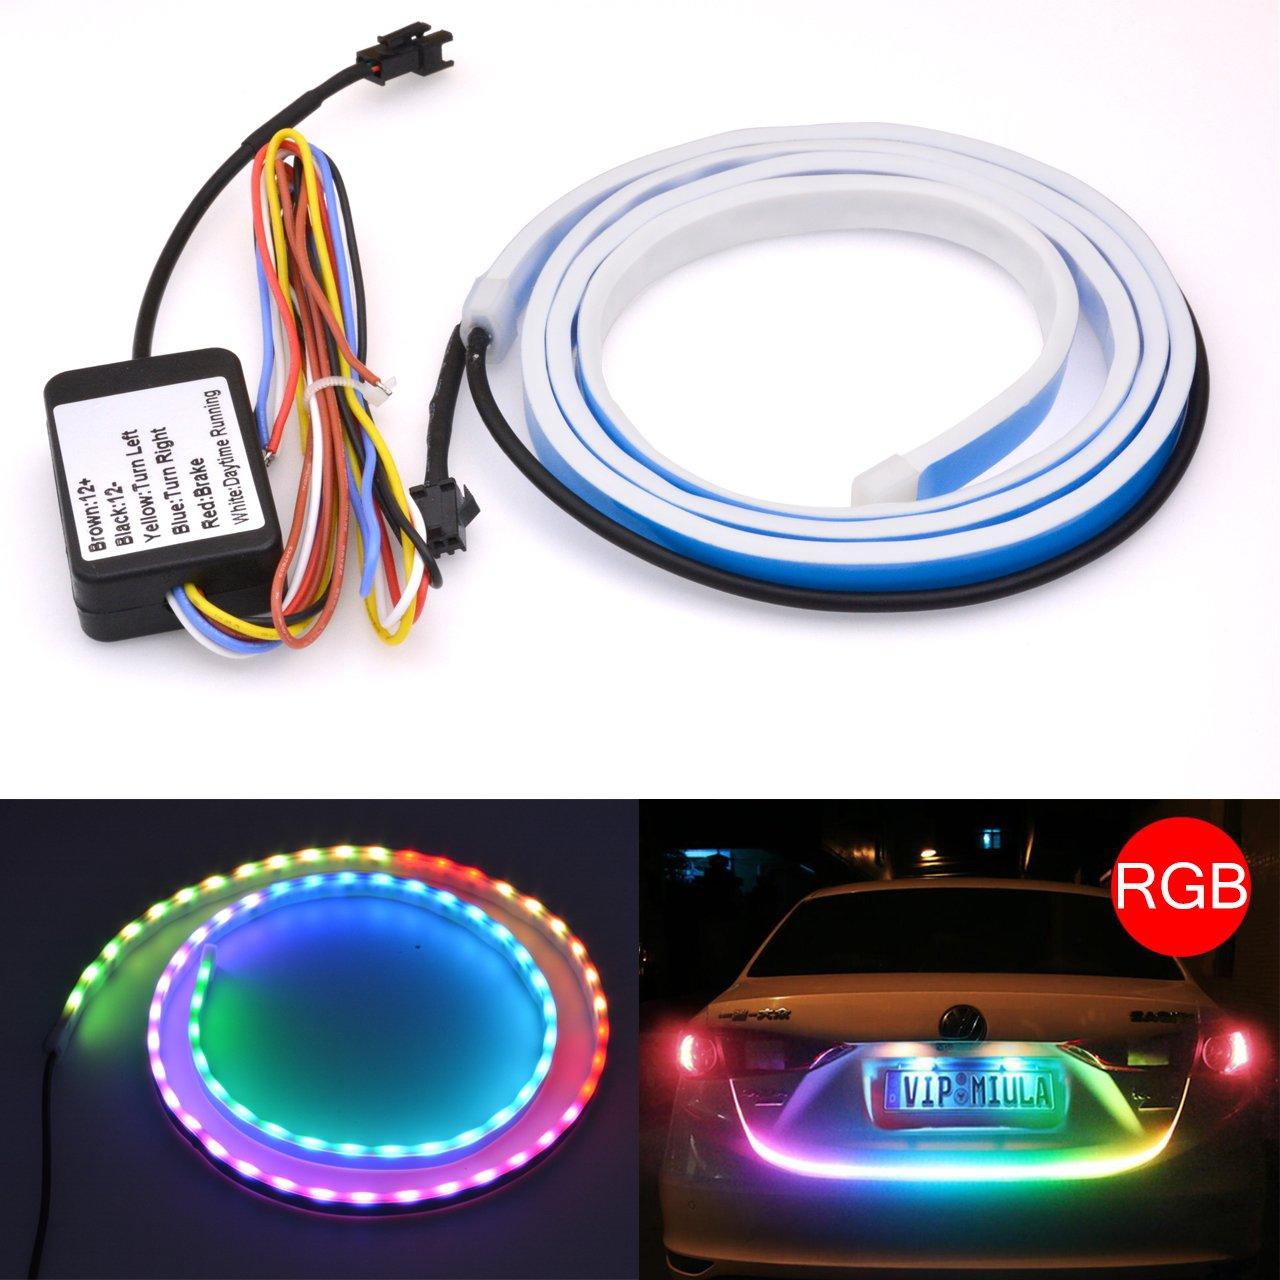 Katur - Bande LED de 120 cm RGB dynamique, é tanche - Barre lumineuse de frein/signal d'avertissement/clignotant/feu arriè re/coffre étanche - Barre lumineuse de frein/signal d' avertissement/clignotant/feu arrière/coffre